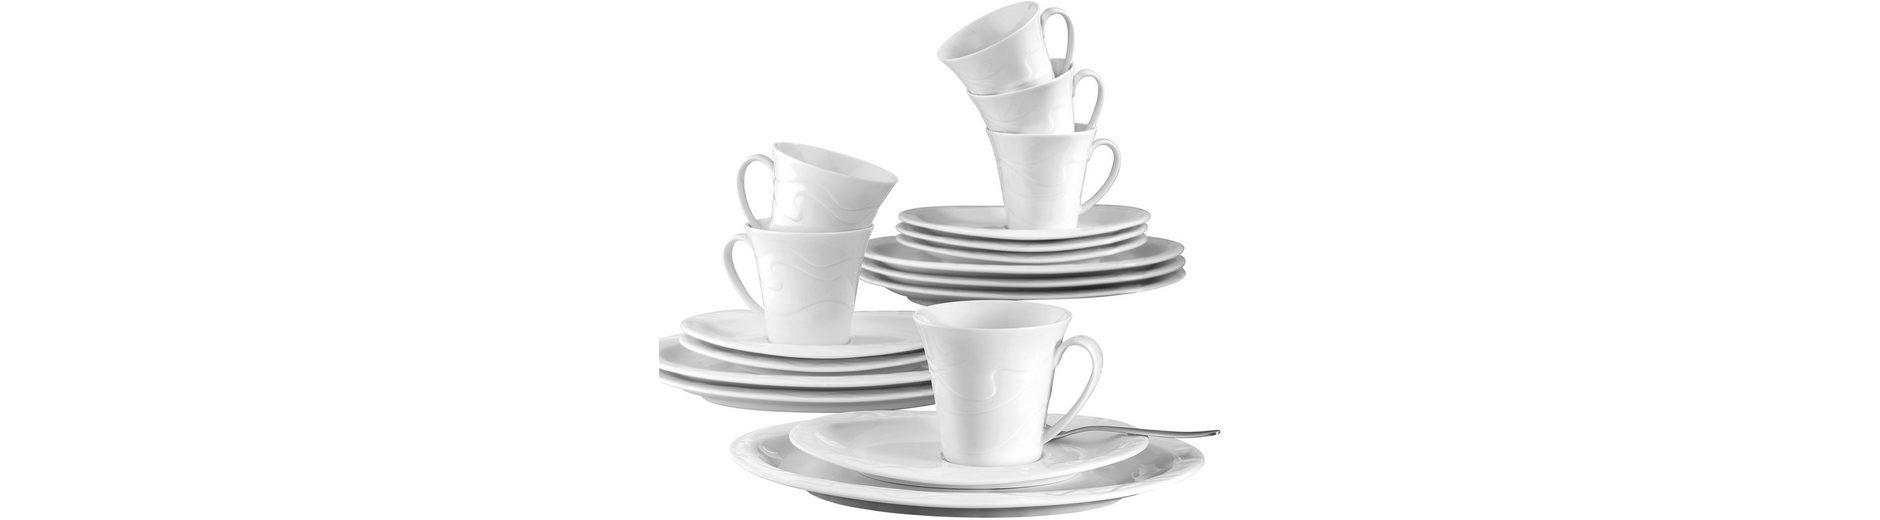 Seltmann Weiden Kaffeeservice, Porzellan, 18-teilig, »ALLEGRO«